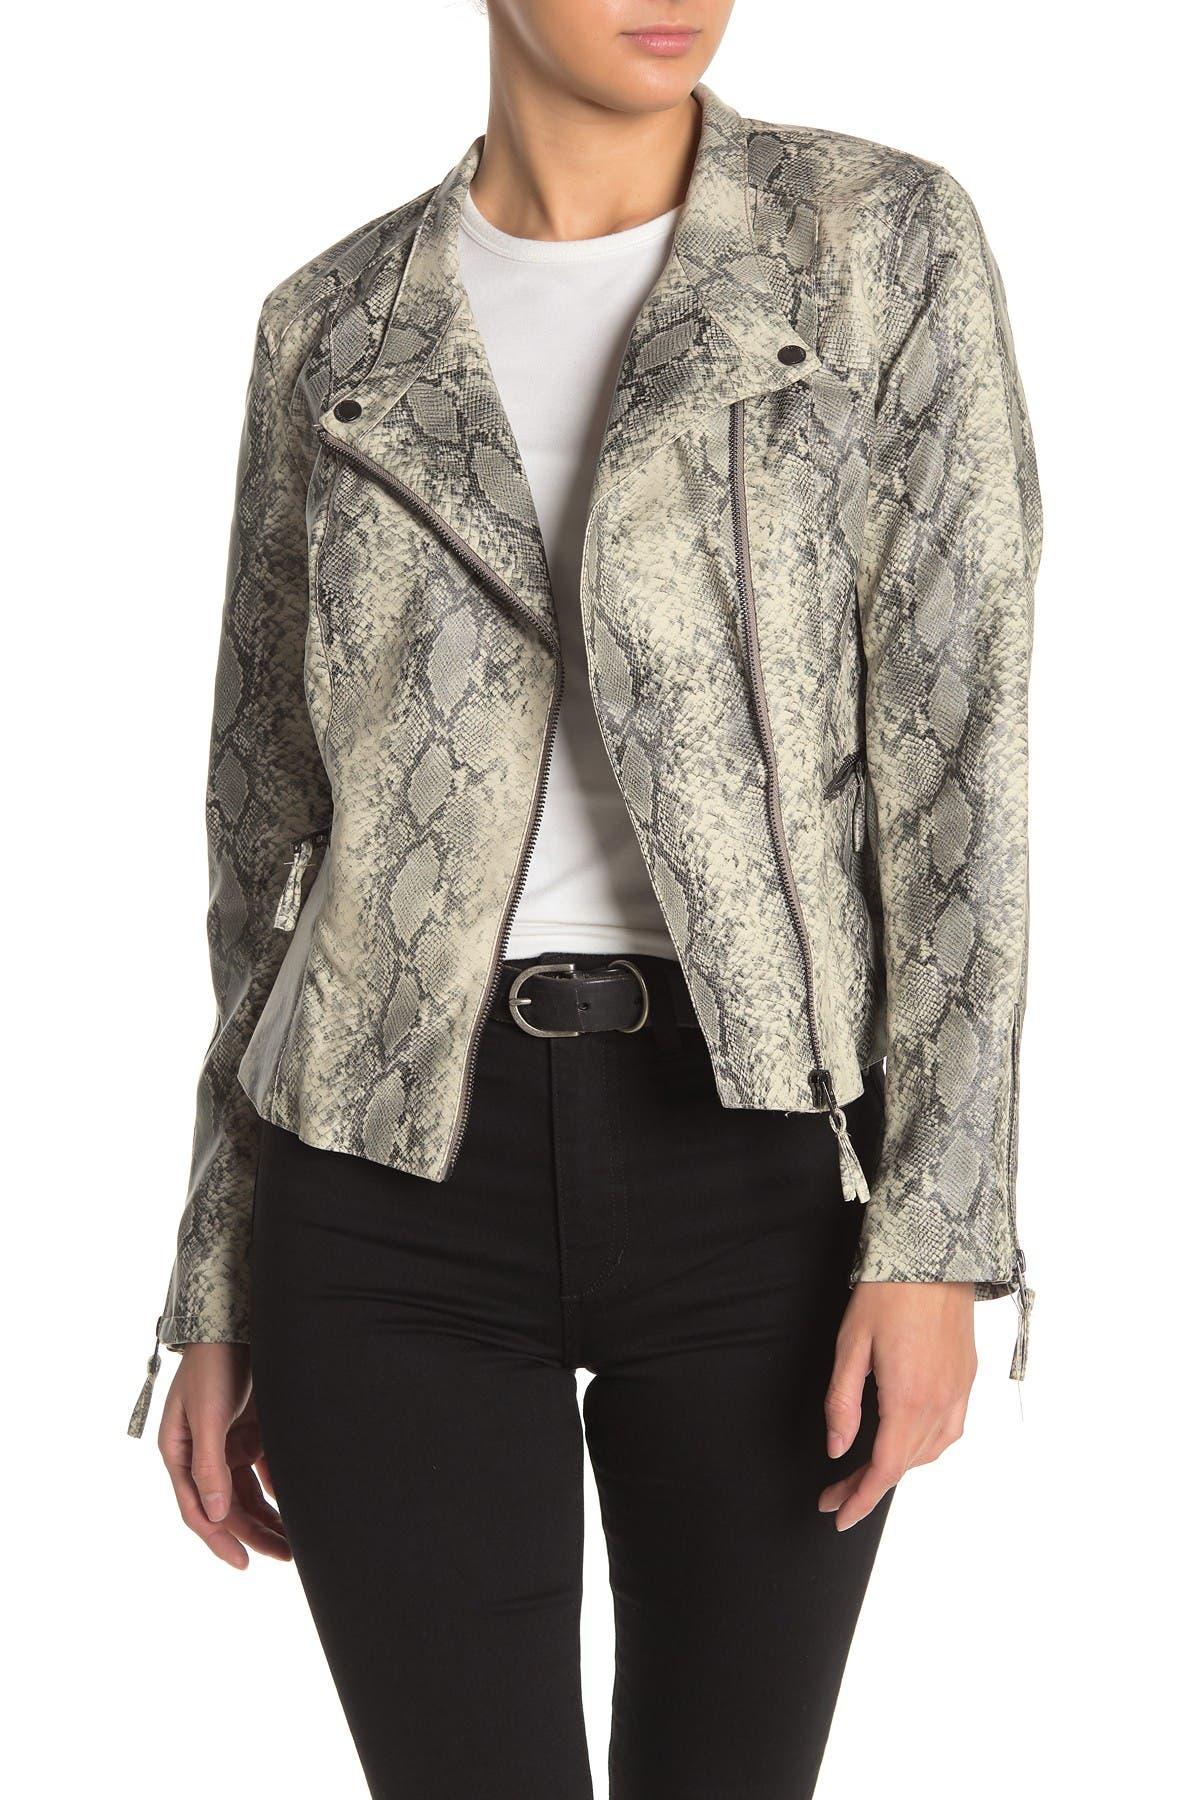 Snakeskin micro suede jacket